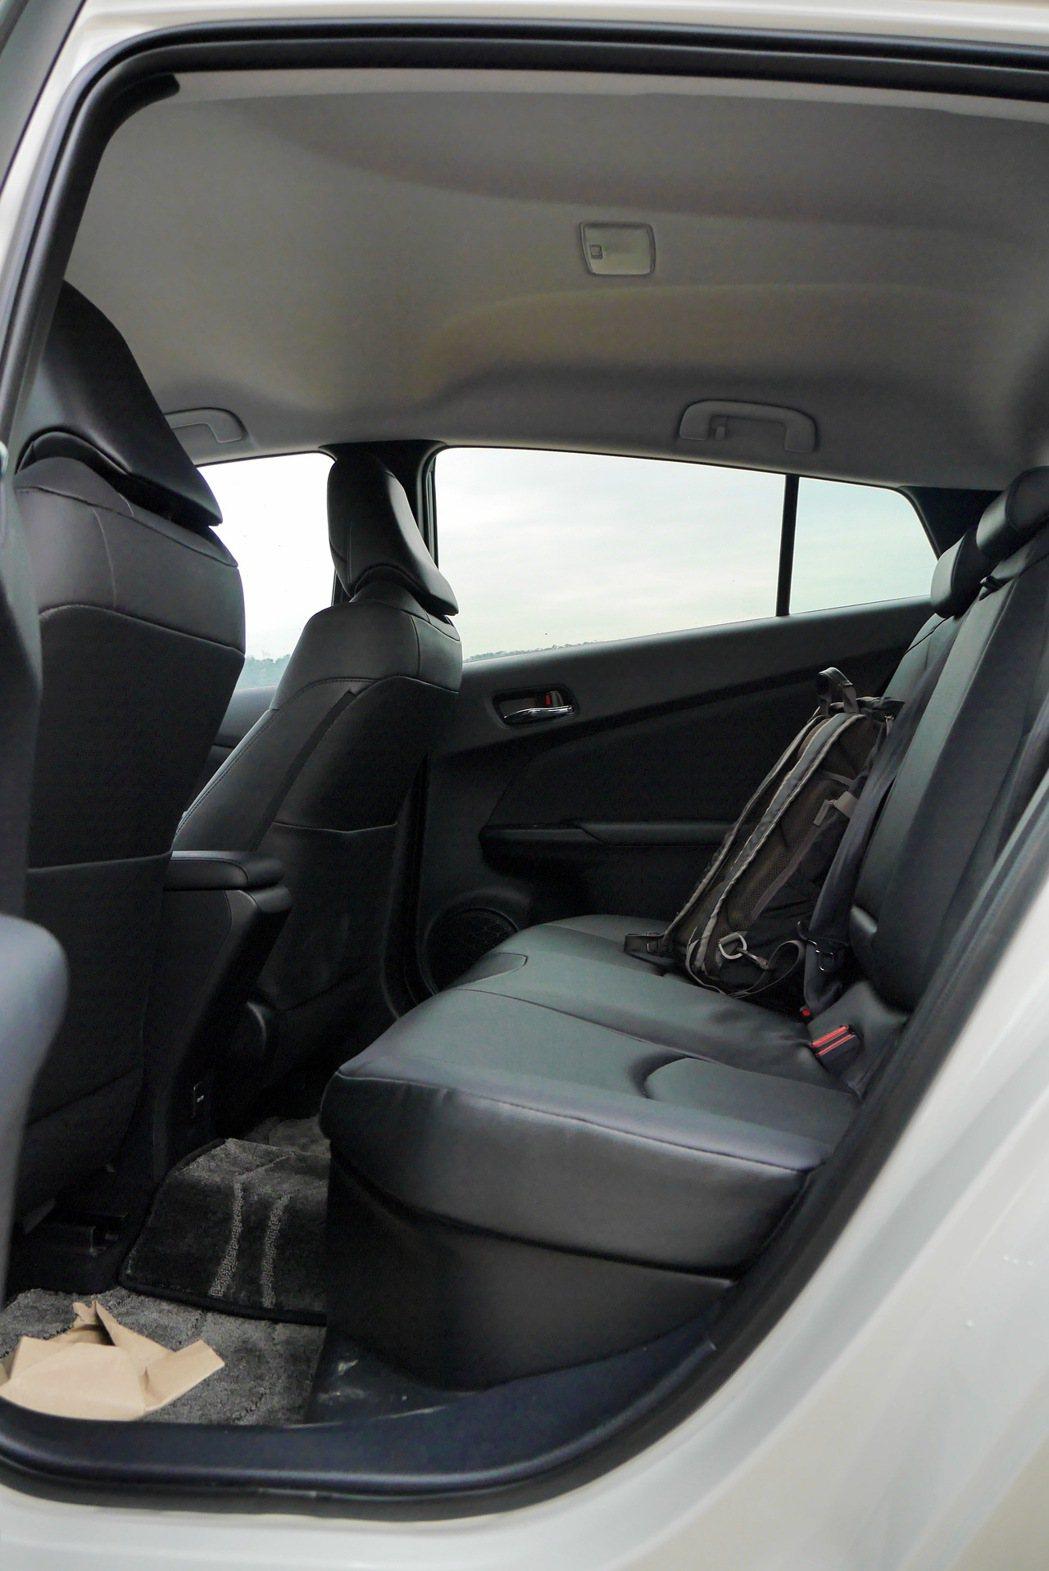 後座空間堪用,座椅在大改款後乘坐舒適加分。 記者陳威任/攝影